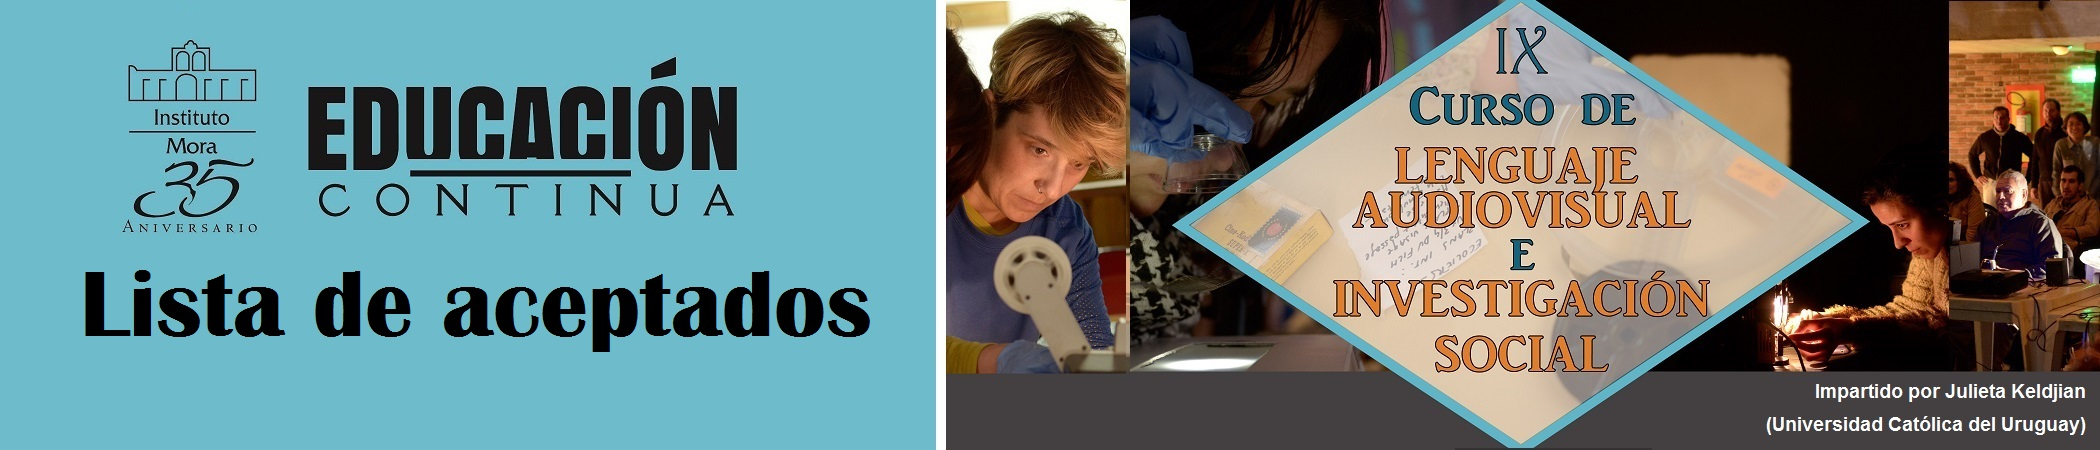 IX Curso de Lenguaje Audiovisual e Investigación Soci